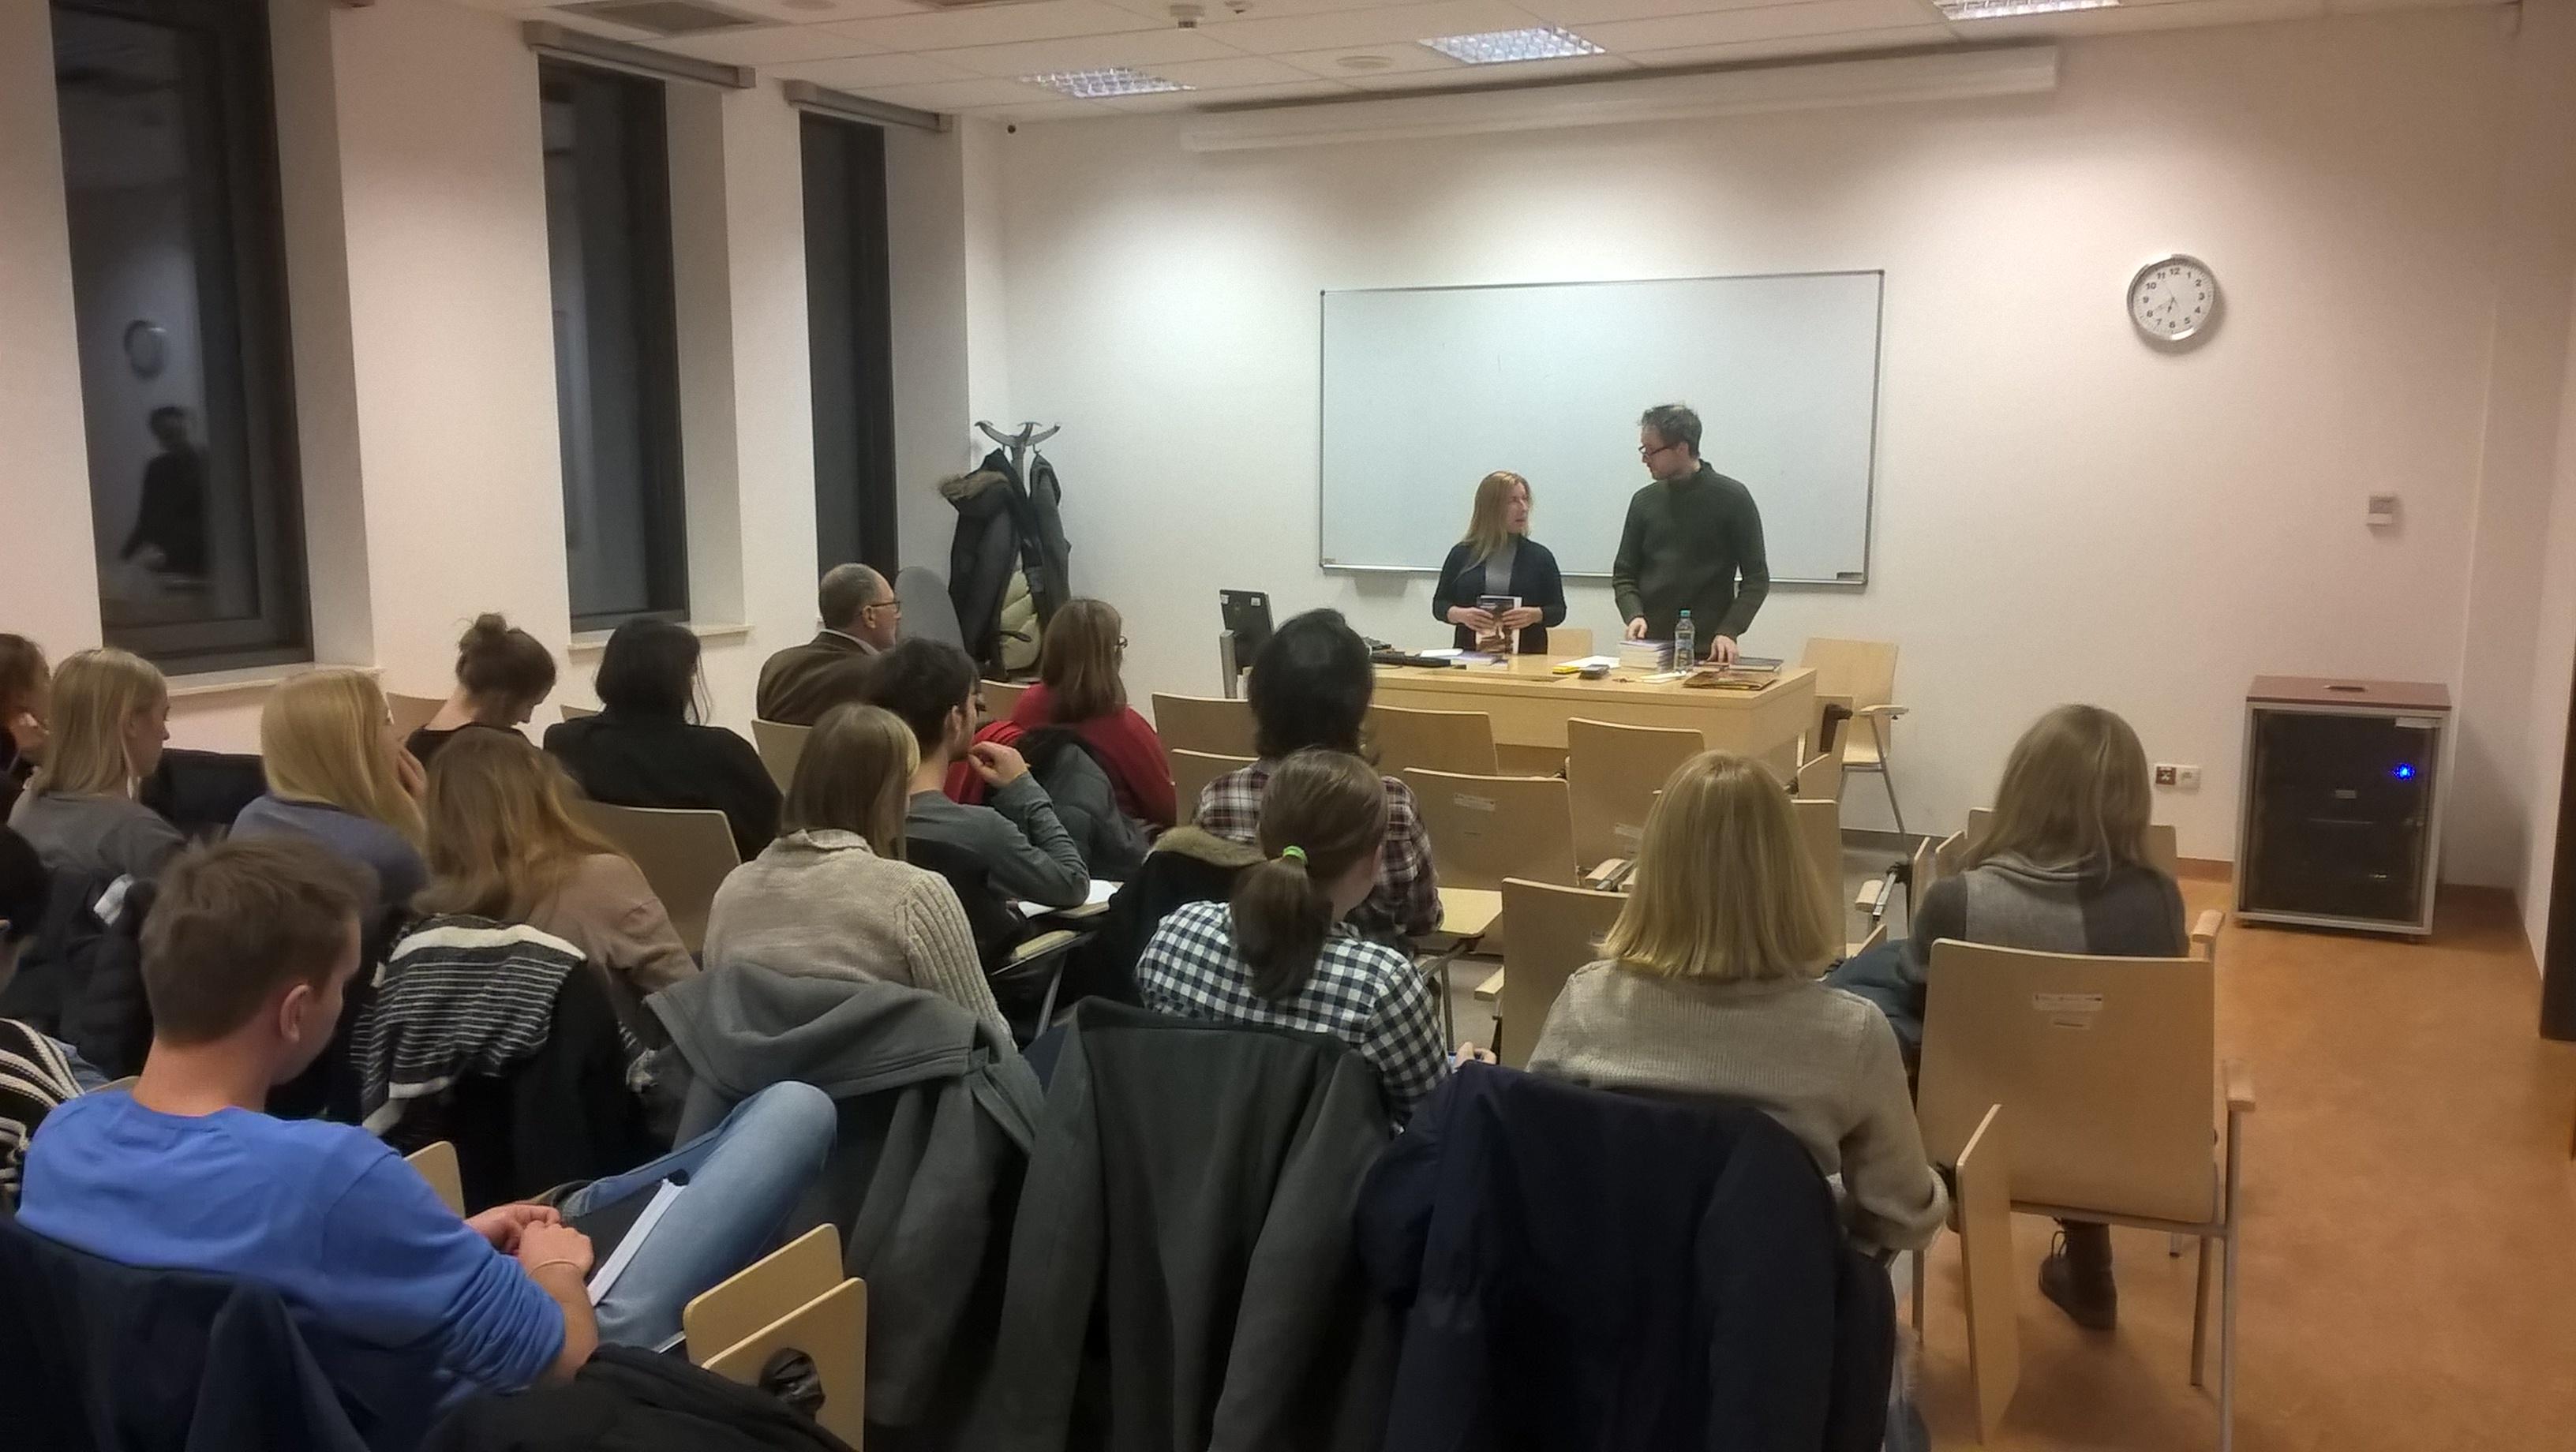 """Presentazione di """"Ścieżki nocy"""" a Cracovia, presso l'Università Jagellonica, insieme alla Dr.ssa Magda Wrana (novembre 2016)."""